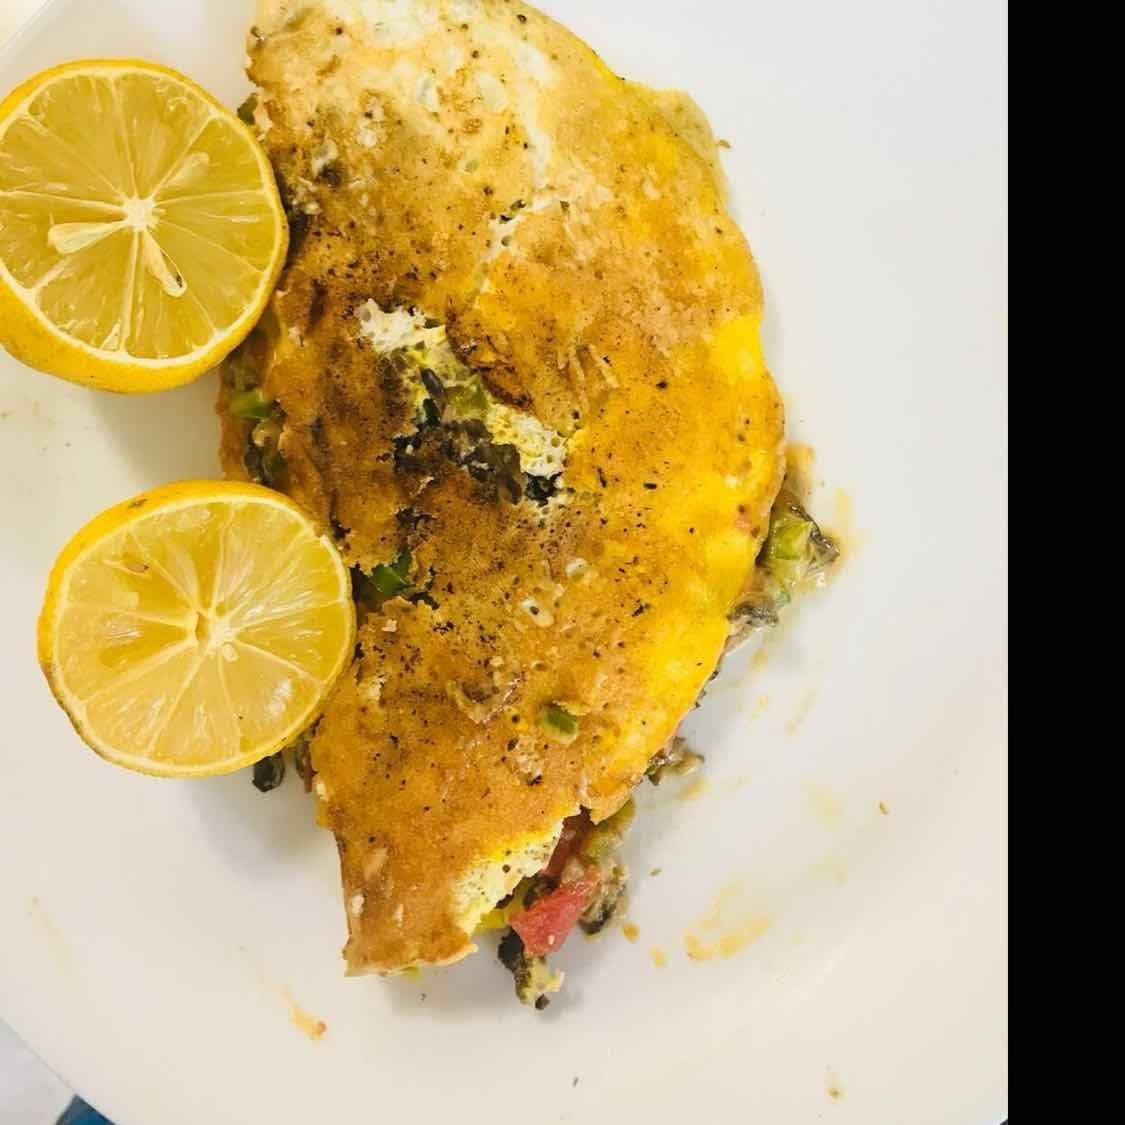 Photo of Vegetable Cheese Omelet by Wajithajasmine Raja mohamed sait at BetterButter